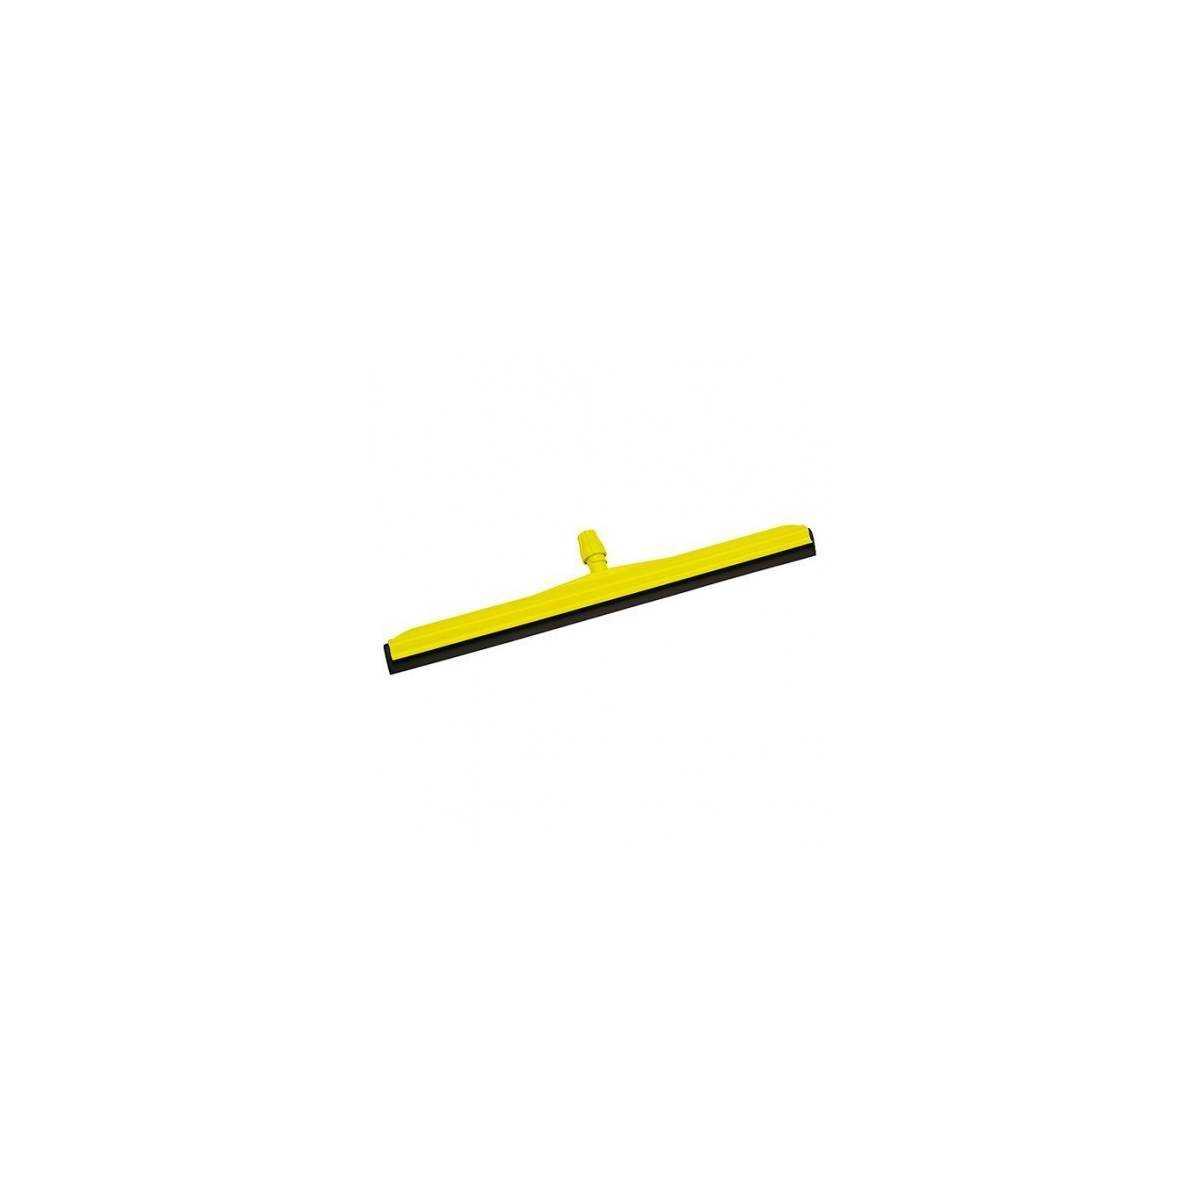 Скребок для сгона воды с пола полипропиленовый 55см (Желтого цвета) 00008677 TTS